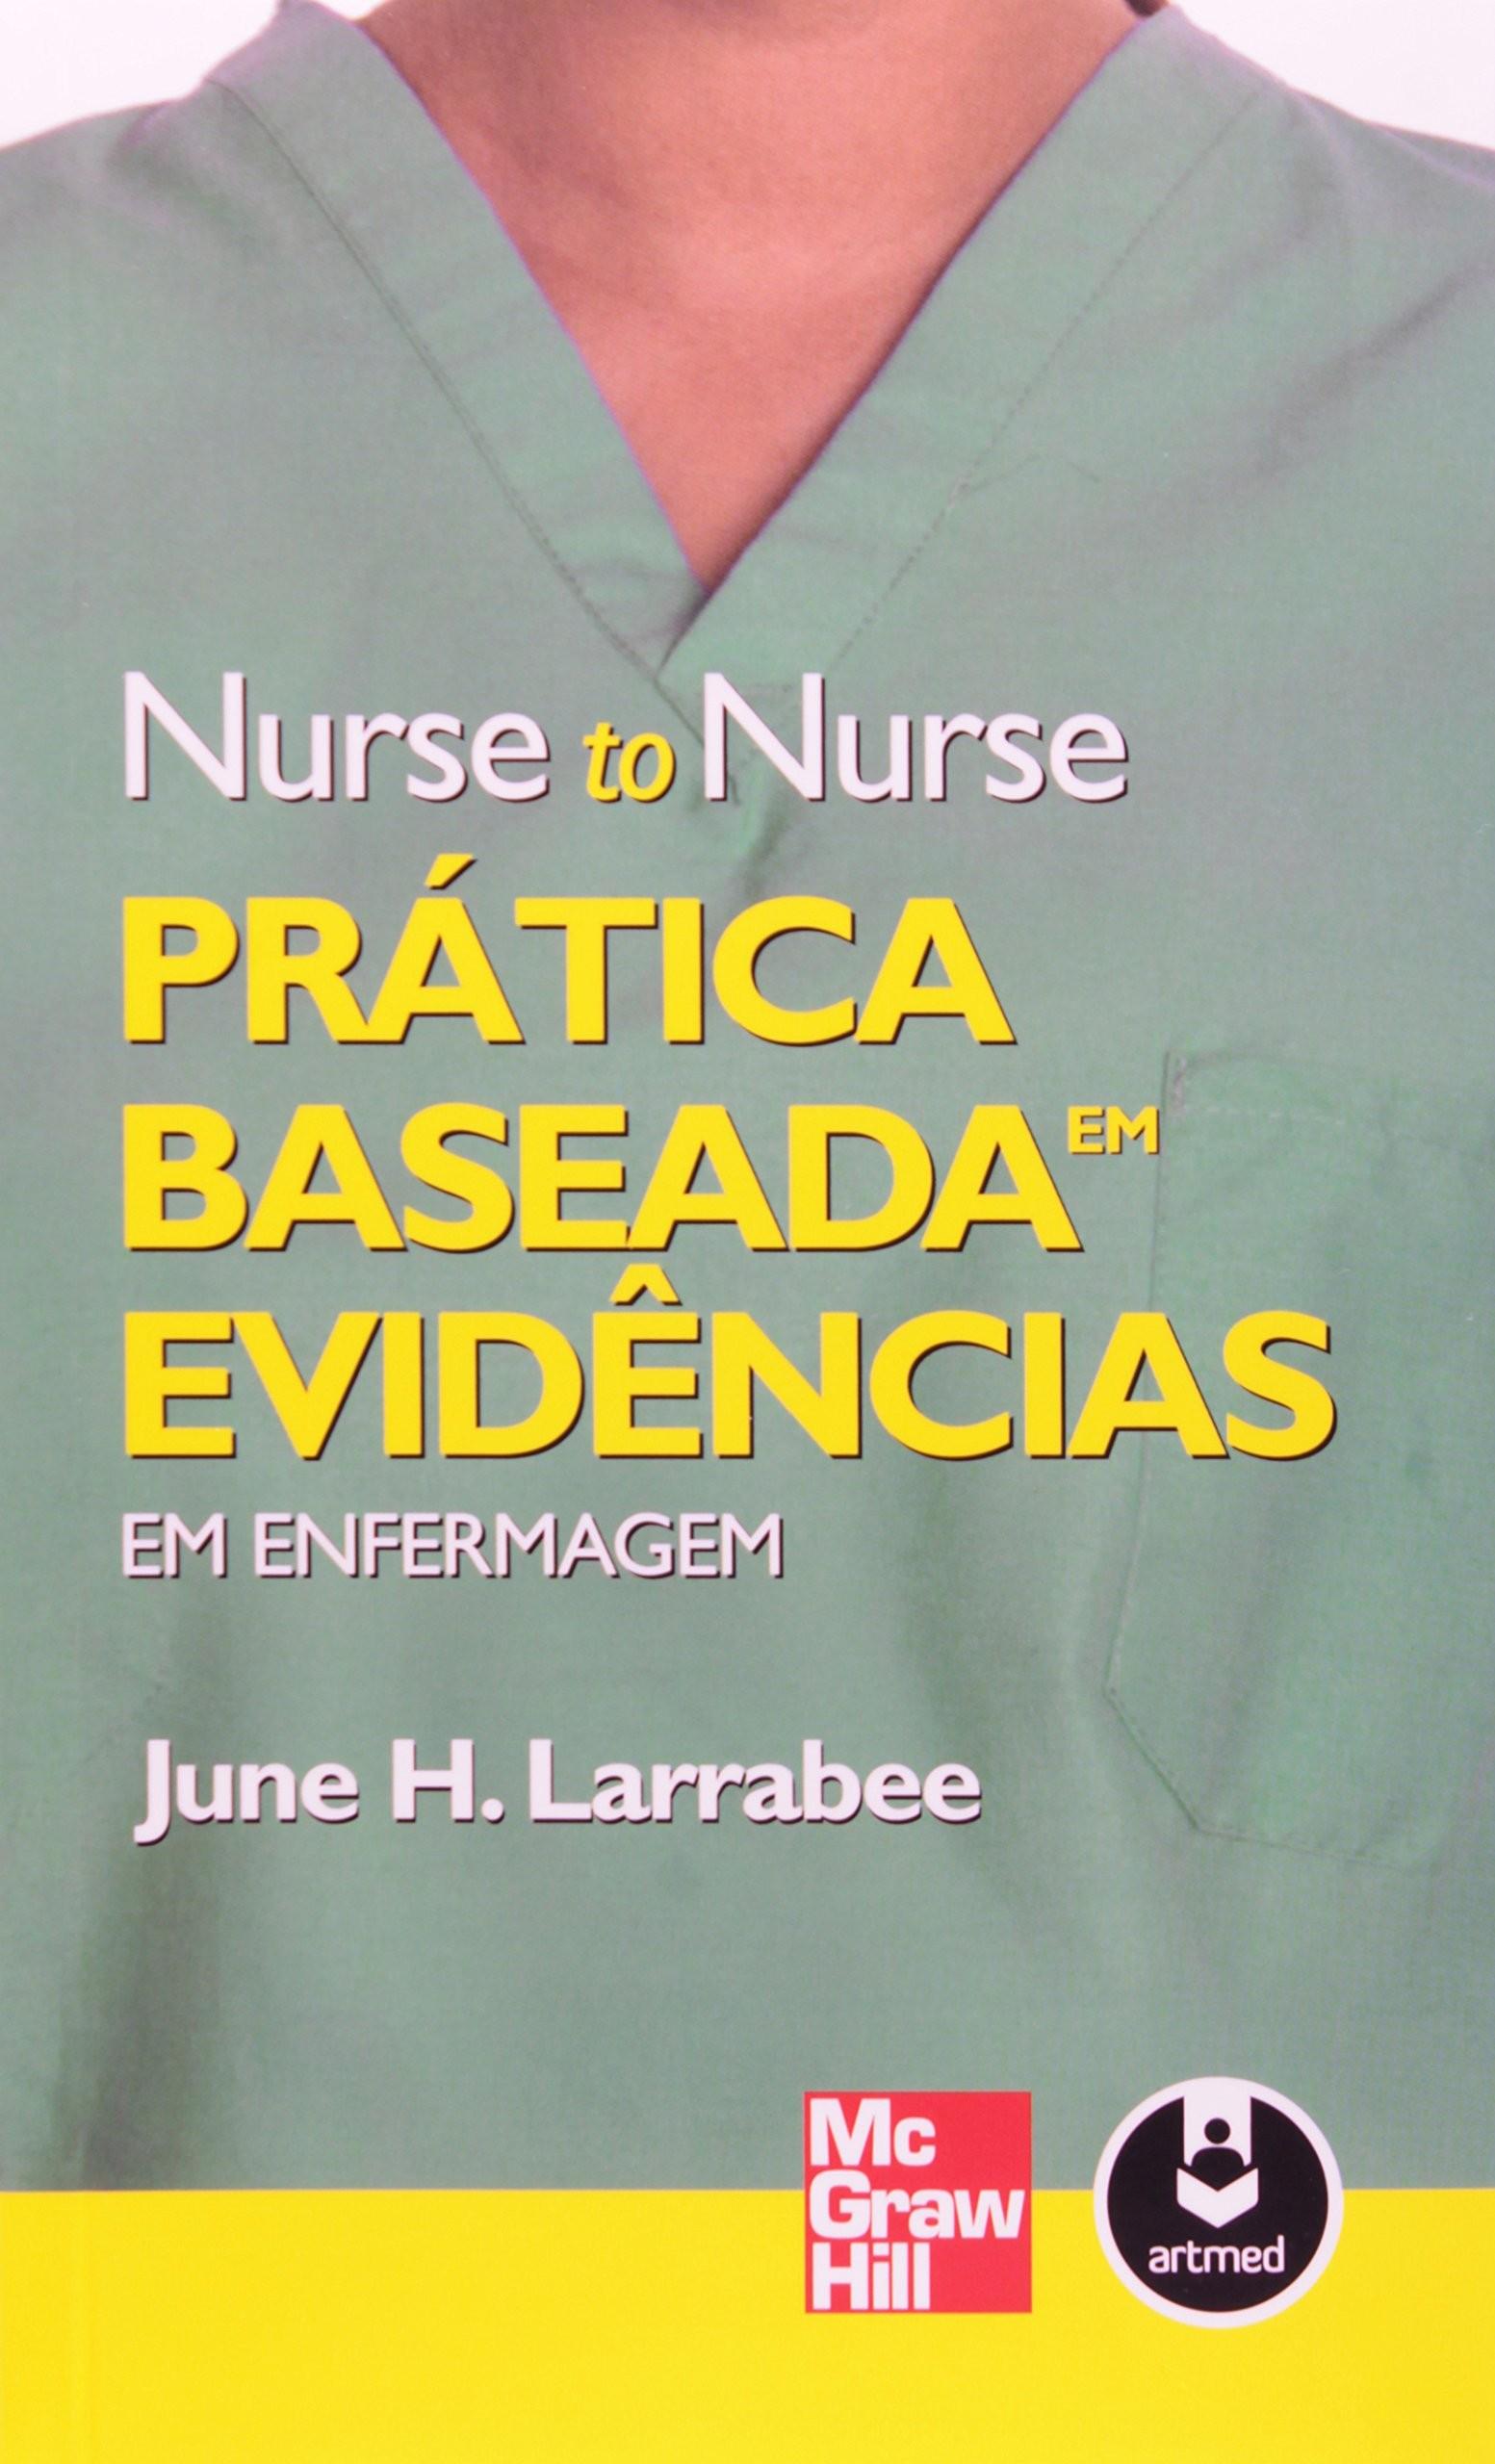 temas e estratgias para liderana em enfermagem enfrentando os desafios hospitalares atuais